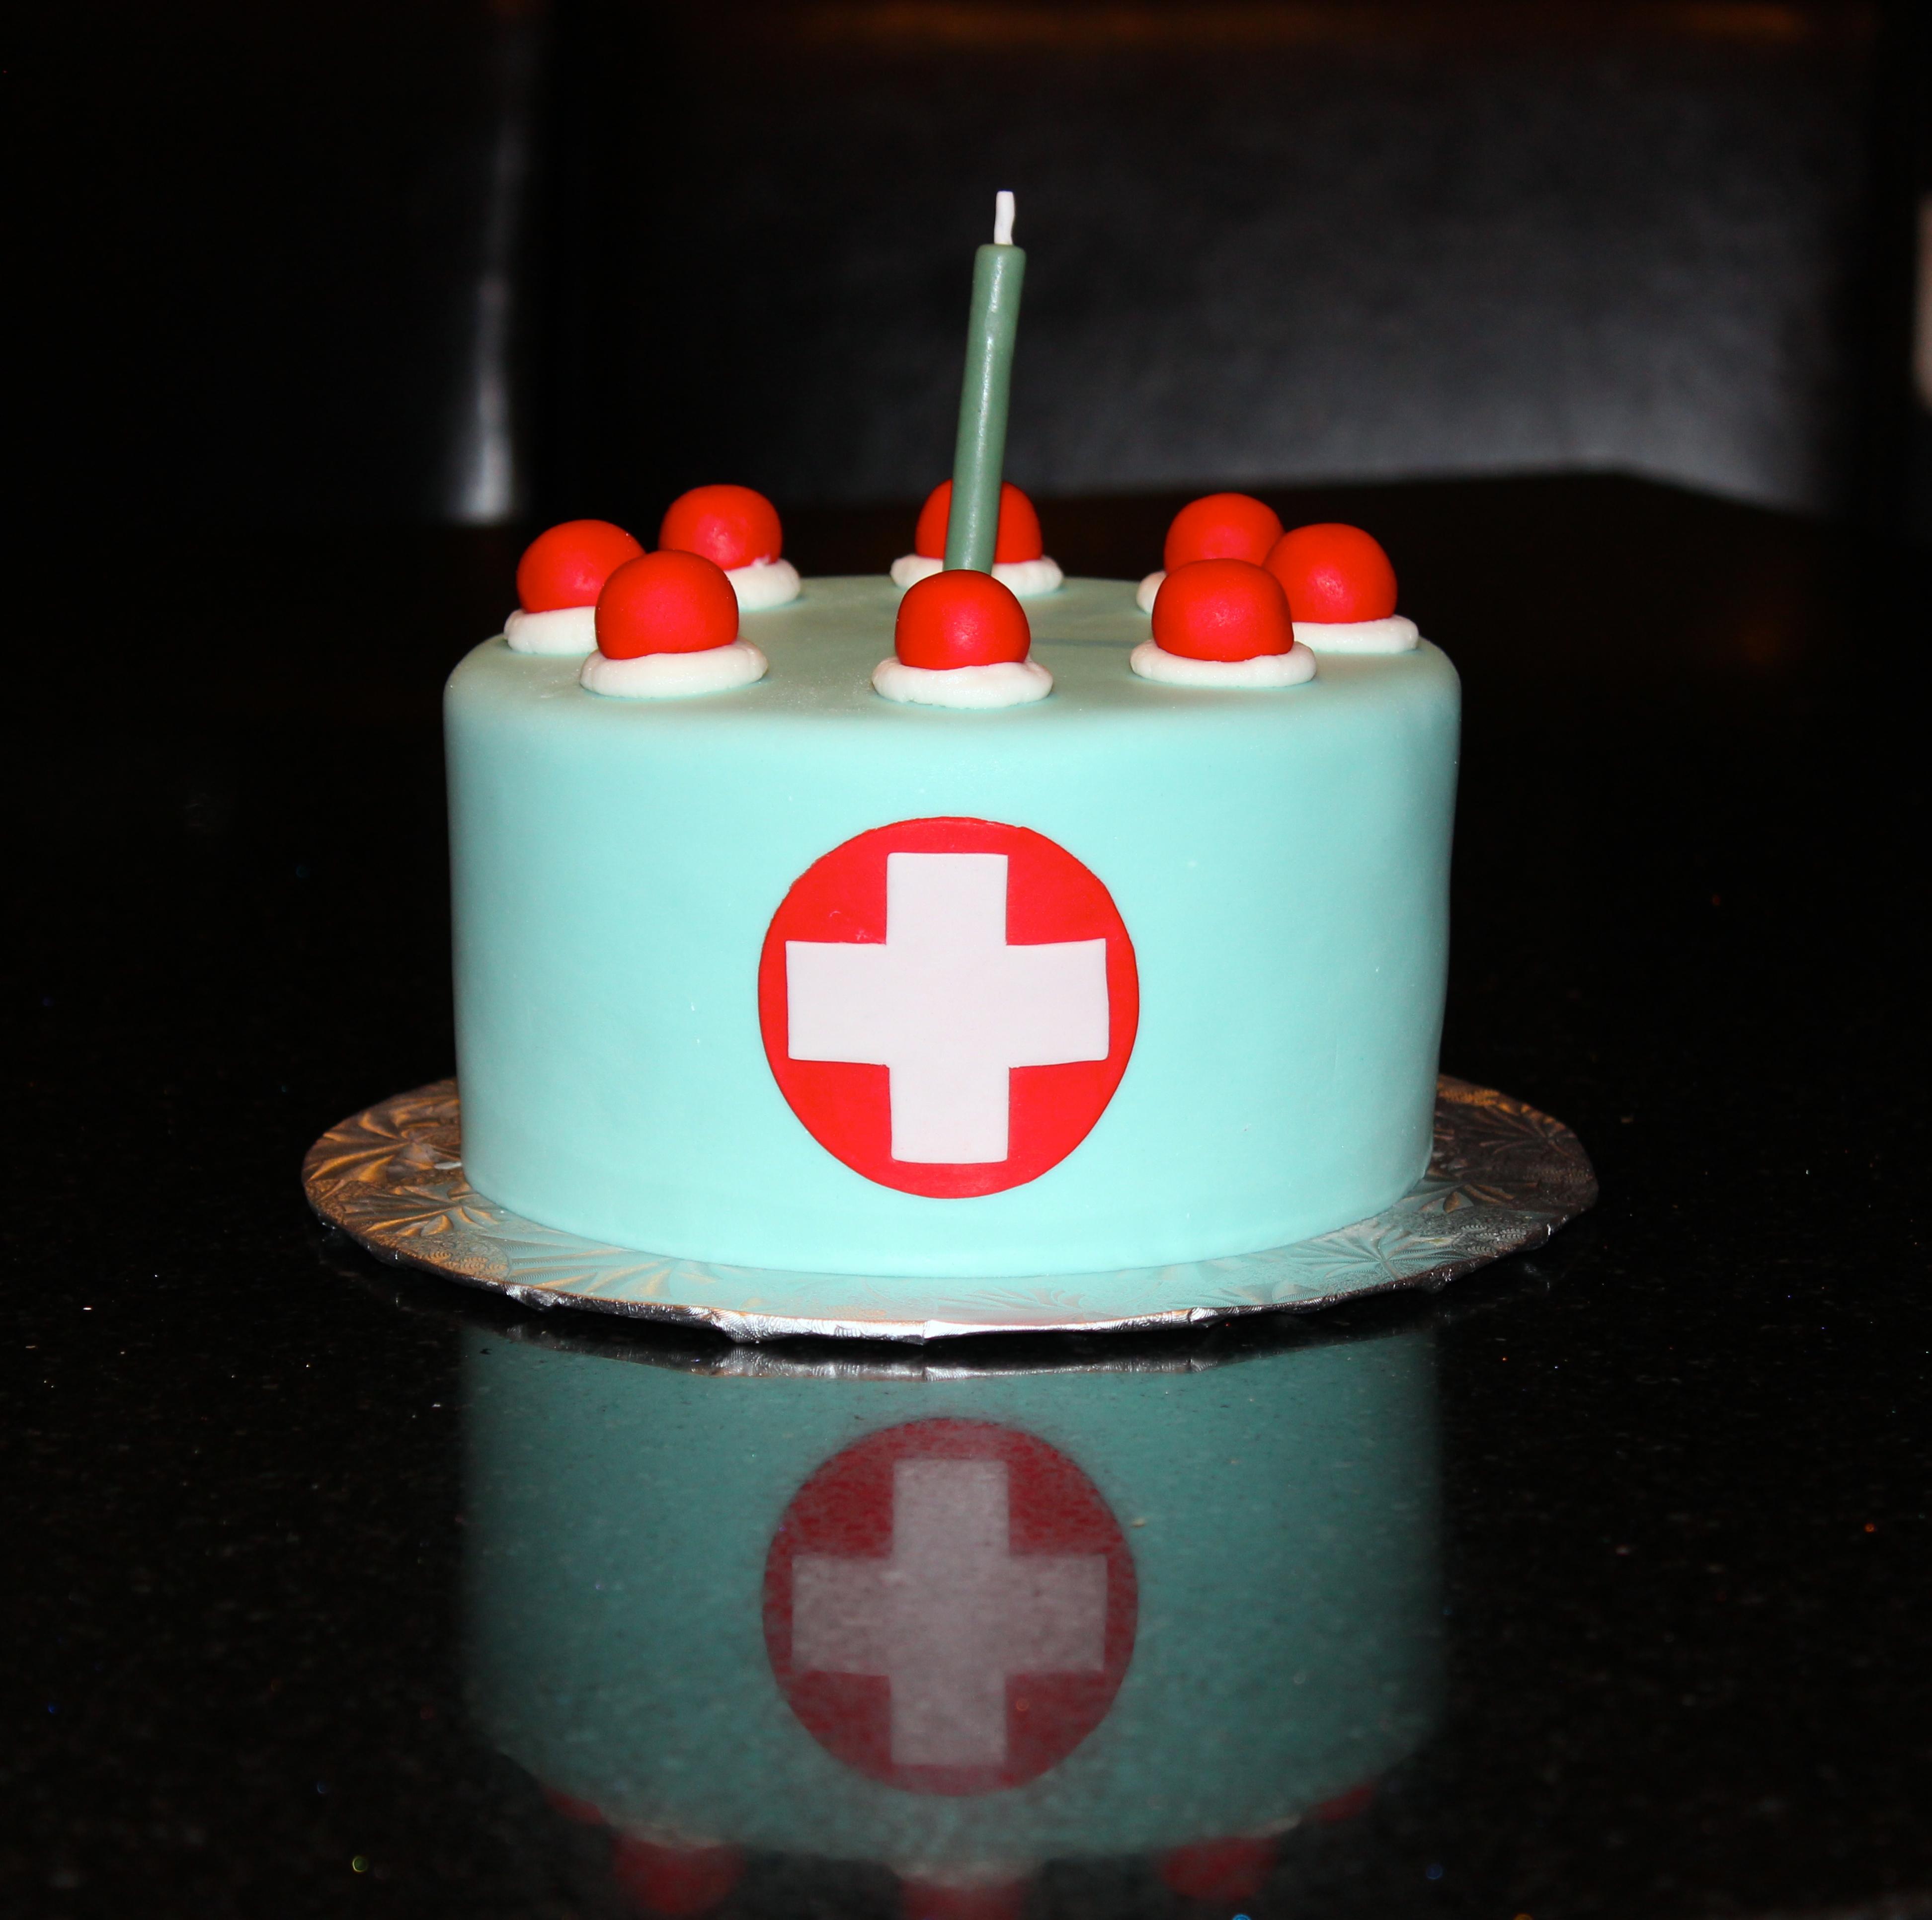 TF2 Birthday Cake